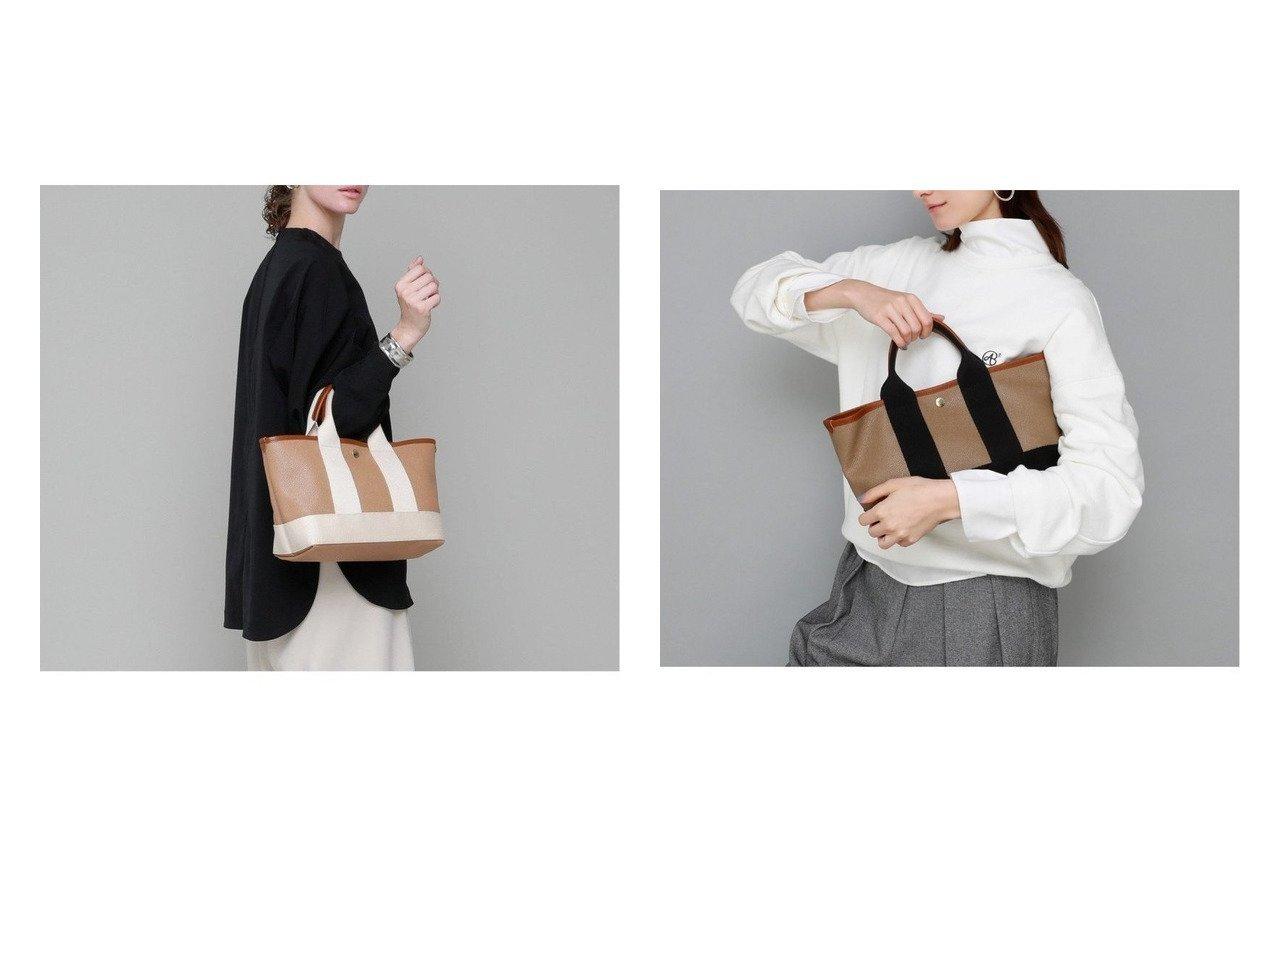 【TOPKAPI BREATH/トプカピ ブレス】のスコッチグレインネオレザー ミニトートバッグ 【バッグ・鞄】おすすめ!人気、トレンド・レディースファッションの通販  おすすめで人気の流行・トレンド、ファッションの通販商品 メンズファッション・キッズファッション・インテリア・家具・レディースファッション・服の通販 founy(ファニー) https://founy.com/ ファッション Fashion レディースファッション WOMEN バッグ Bag シンプル ポーチ 軽量  ID:crp329100000032131